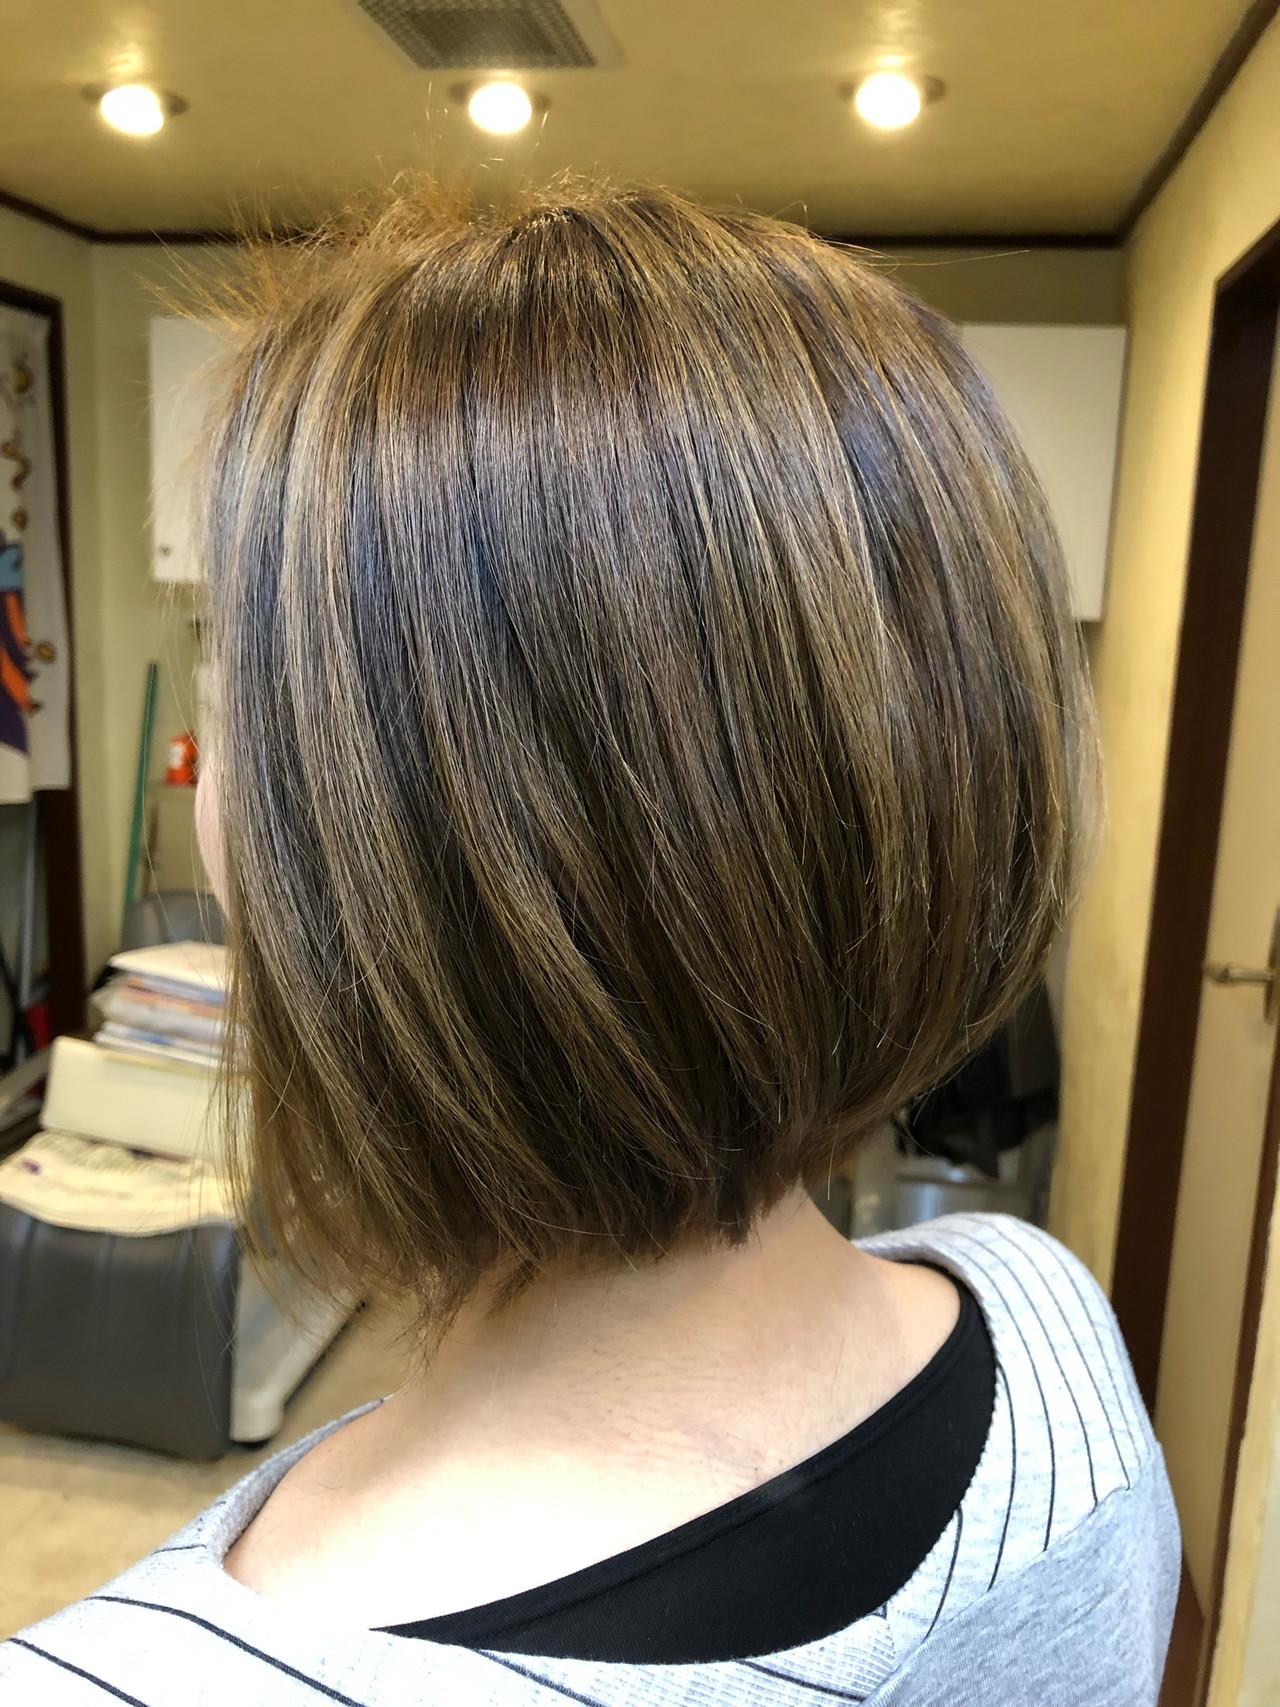 ブリーチオンカラー アダルトボブ ボブ バレイヤージュヘアスタイルや髪型の写真・画像